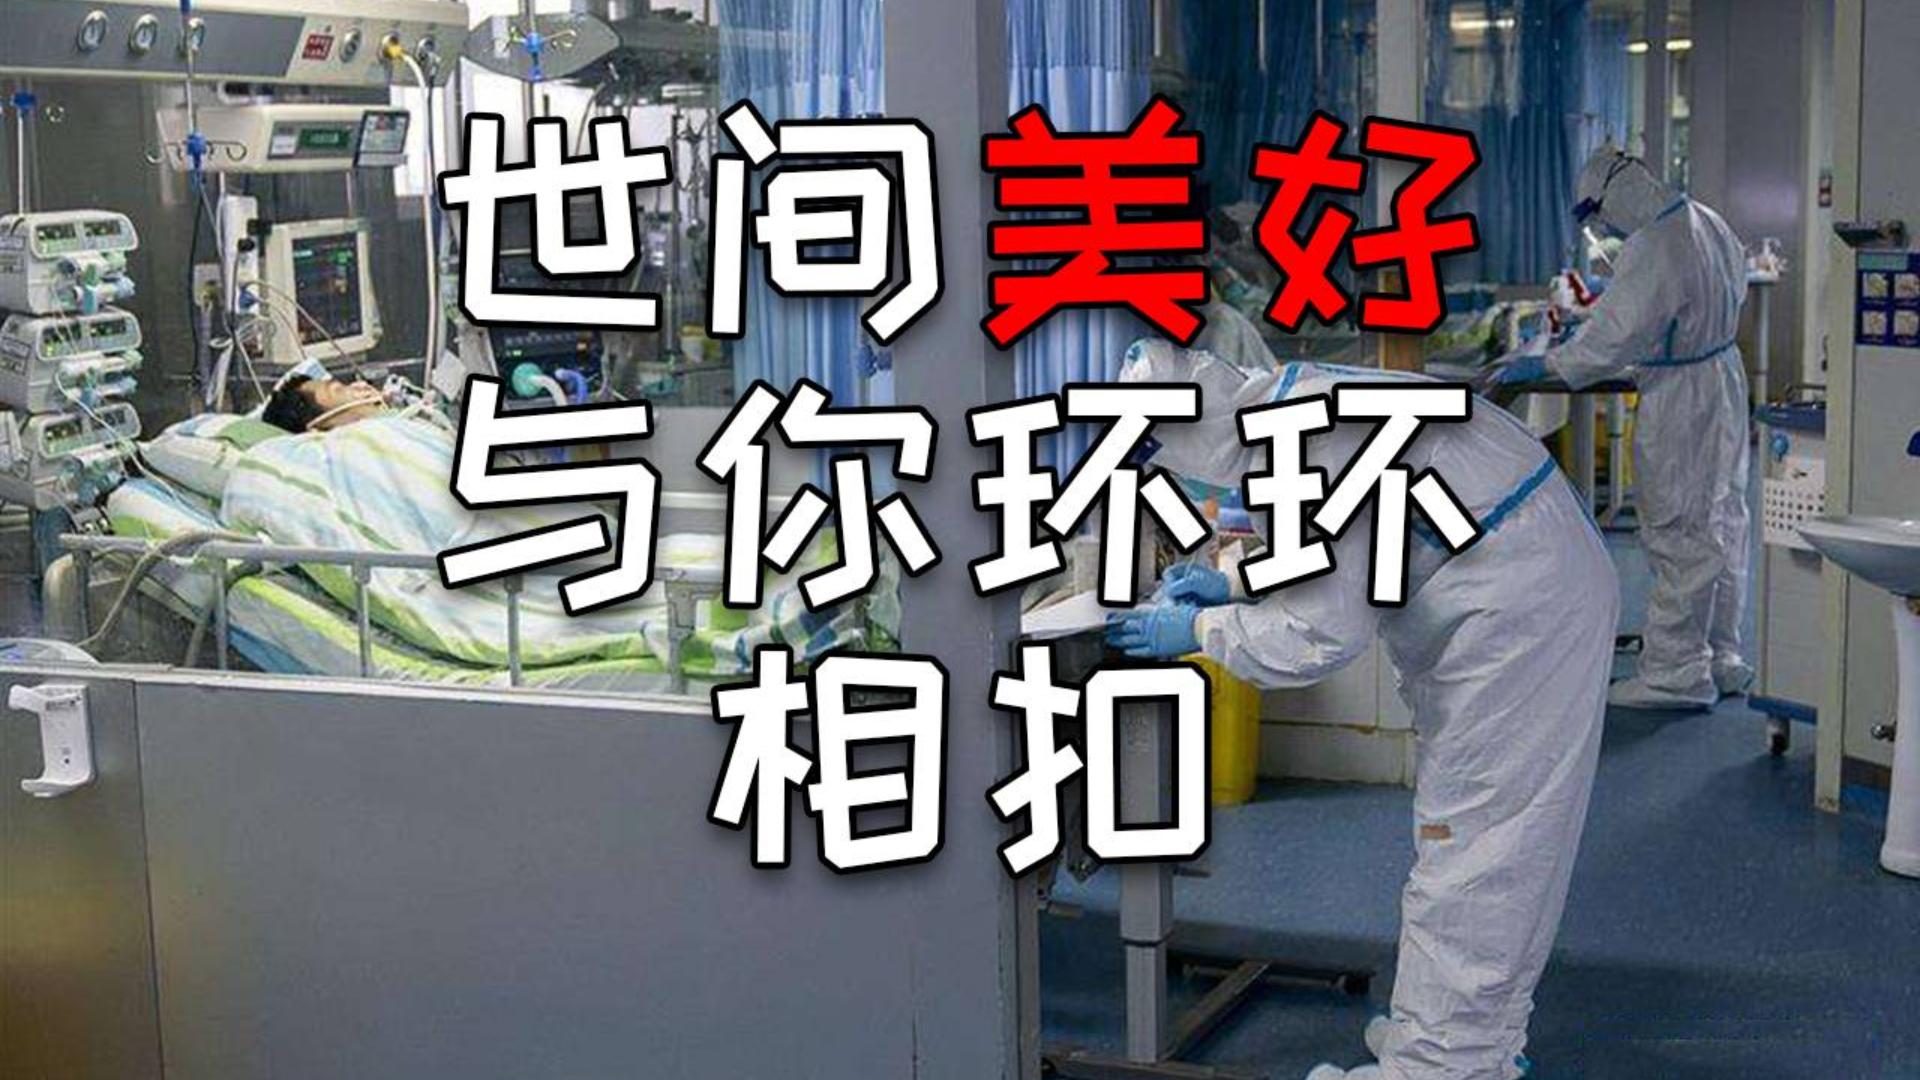 【李云龙】愿世间美好与你环环相扣-武汉加油!